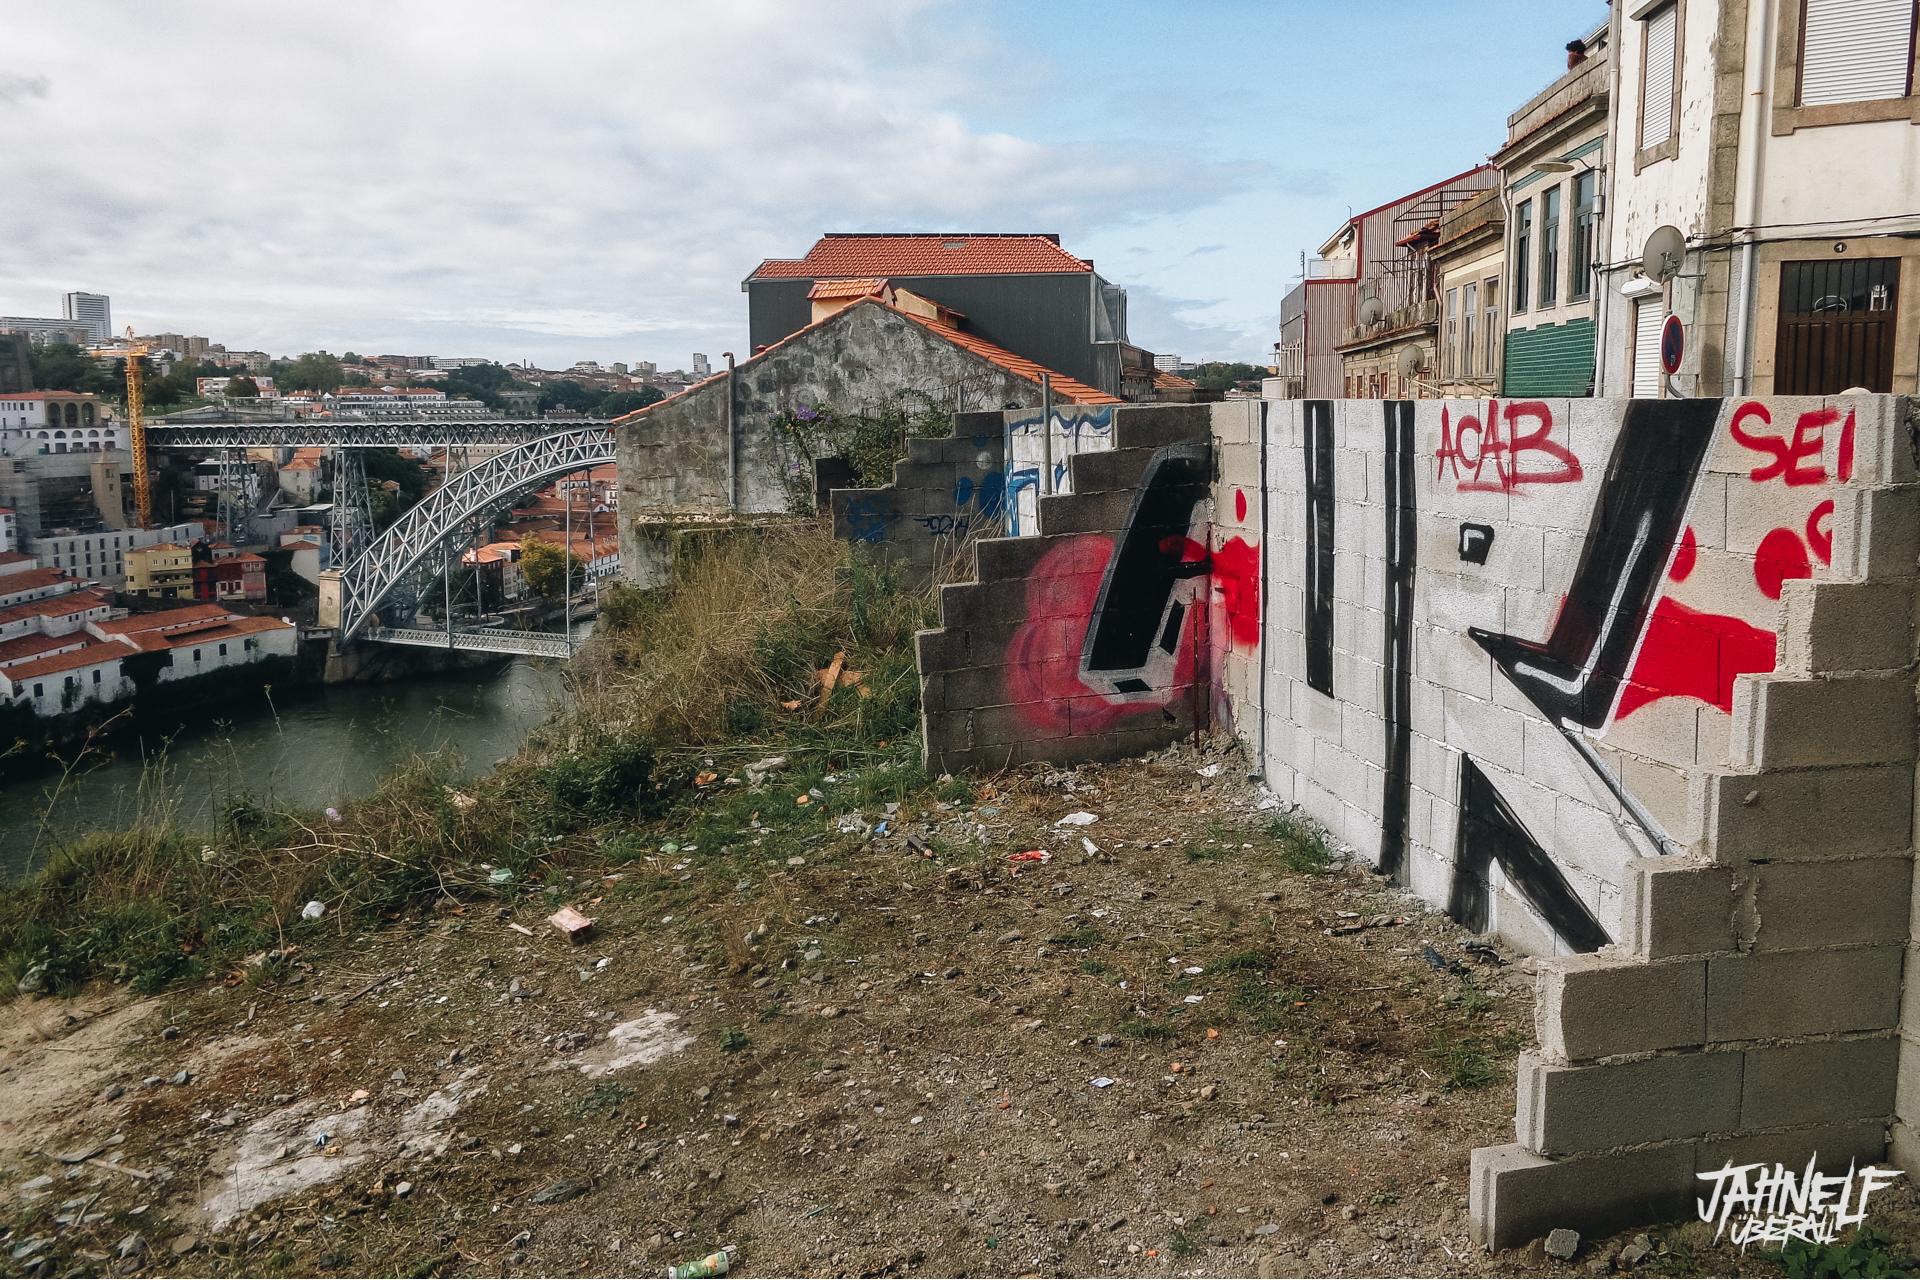 UR Graffiti in Portugal